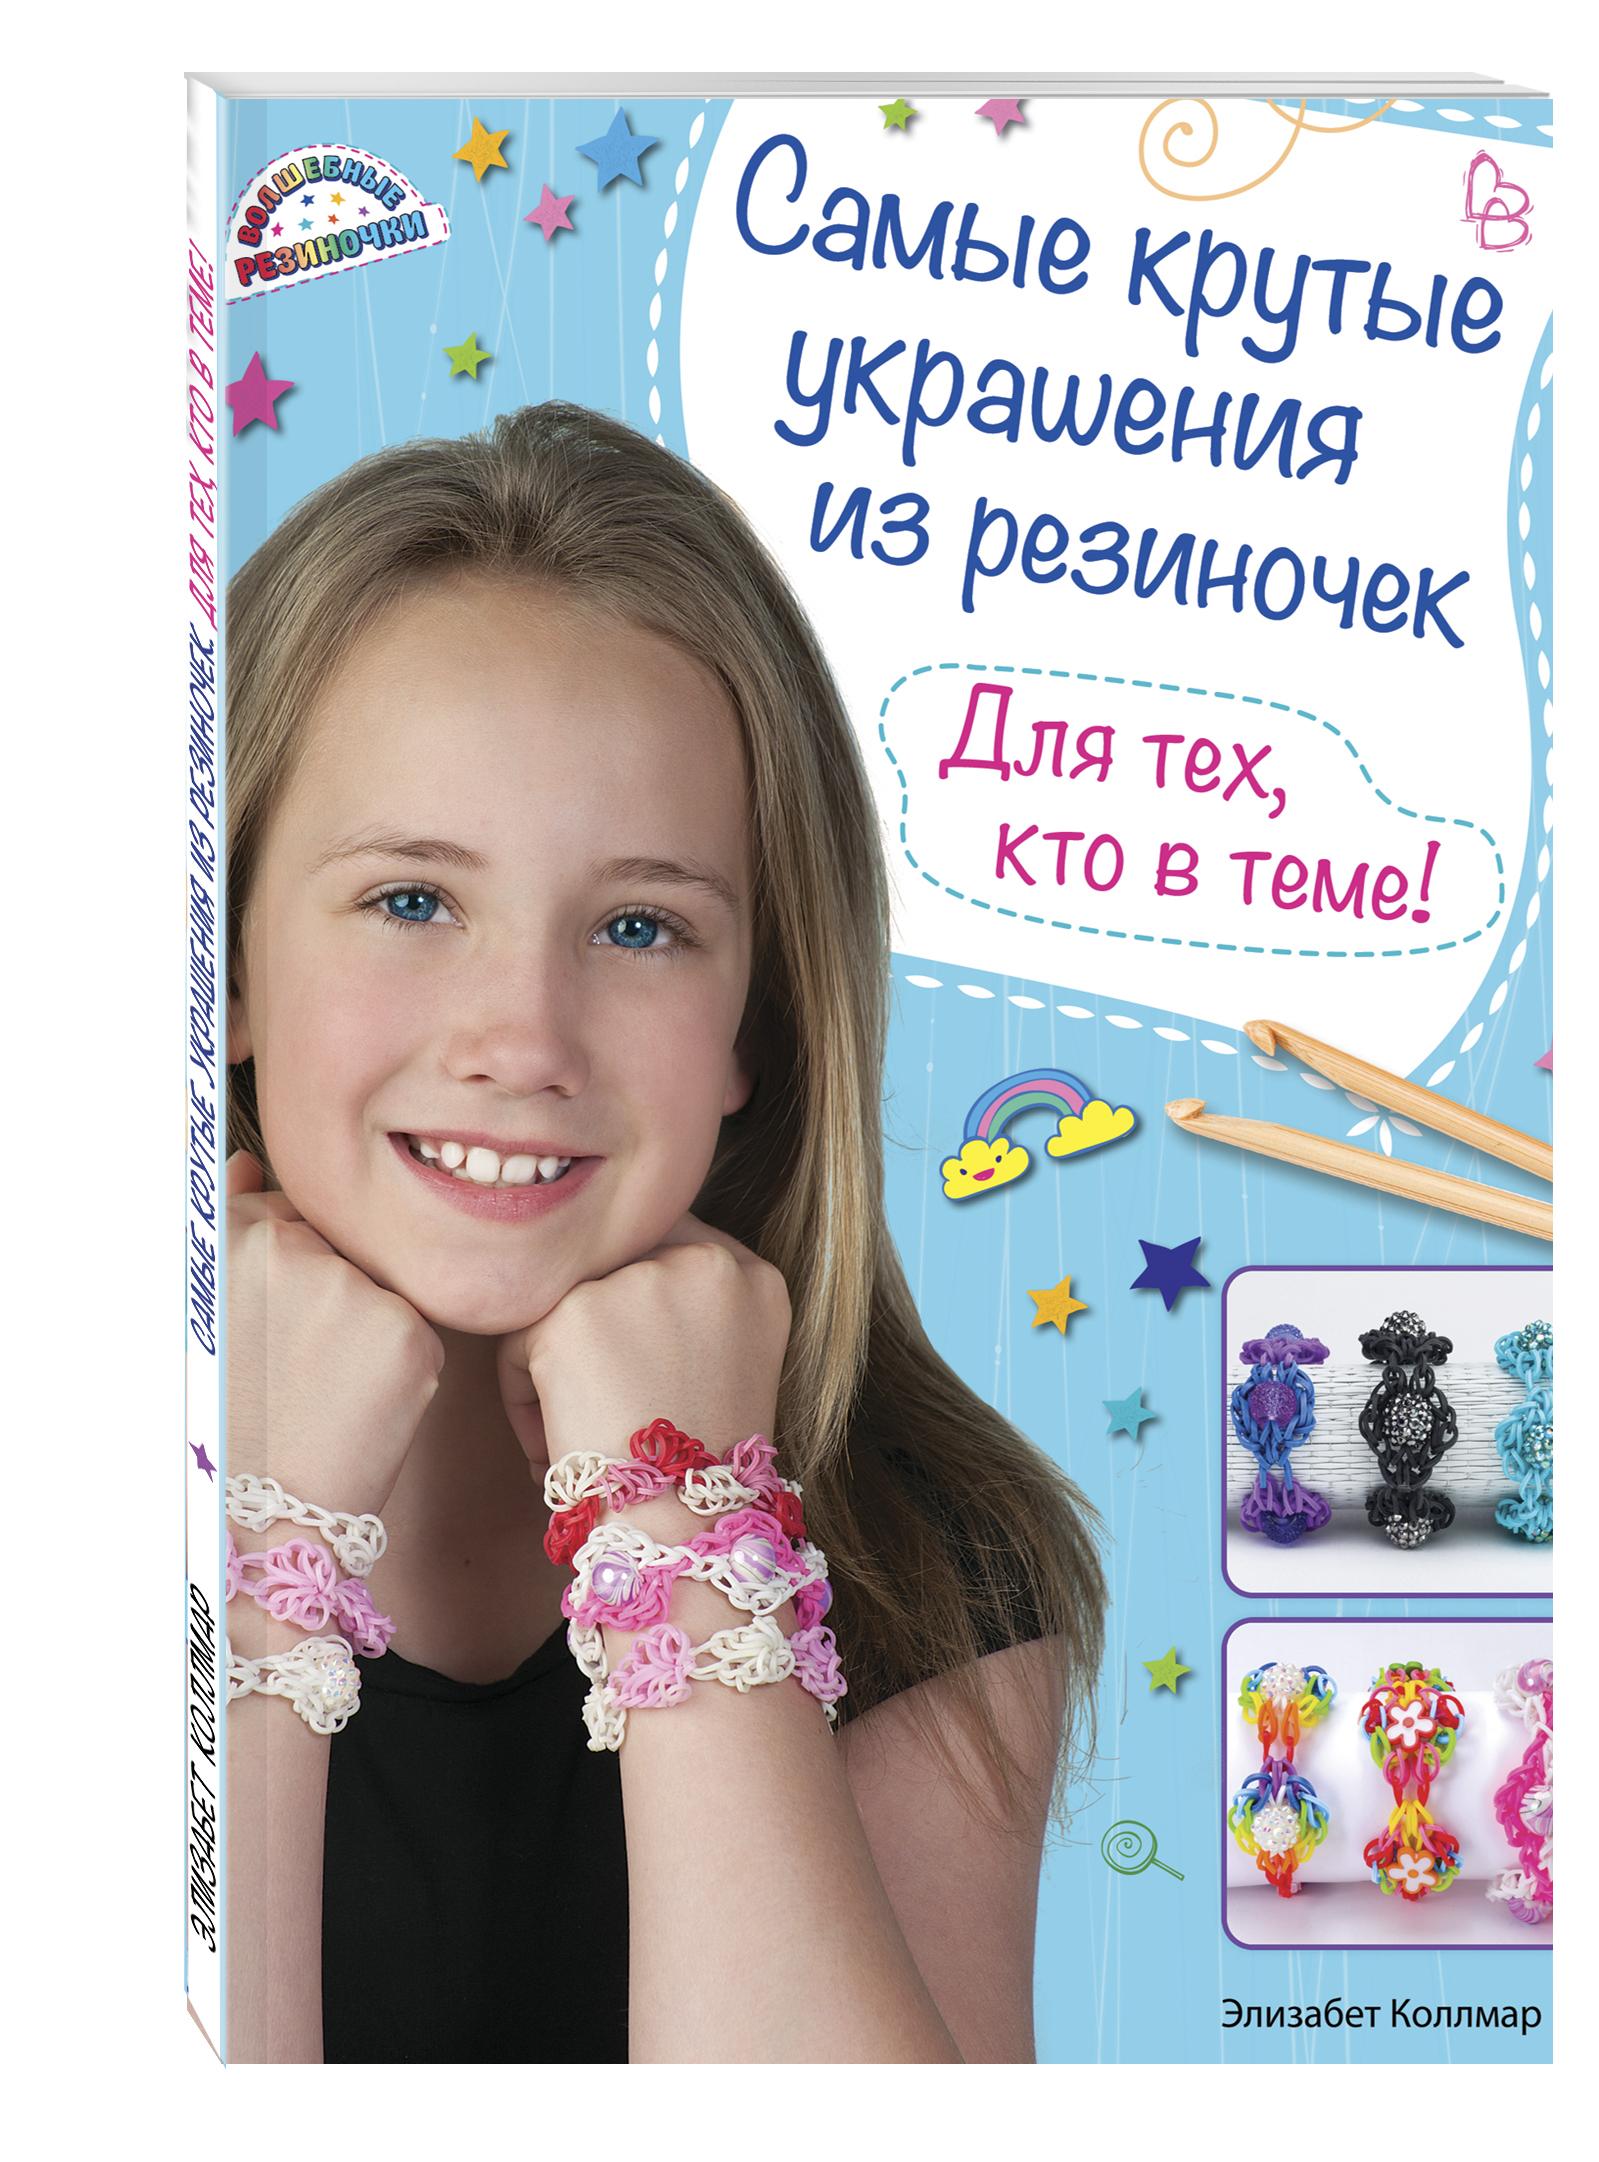 Расина Екатерина Геннадьевна Самые крутые украшения из резиночек. Для тех, кто в теме! (книга + упаковка с резиночками) прокачай свои деньги